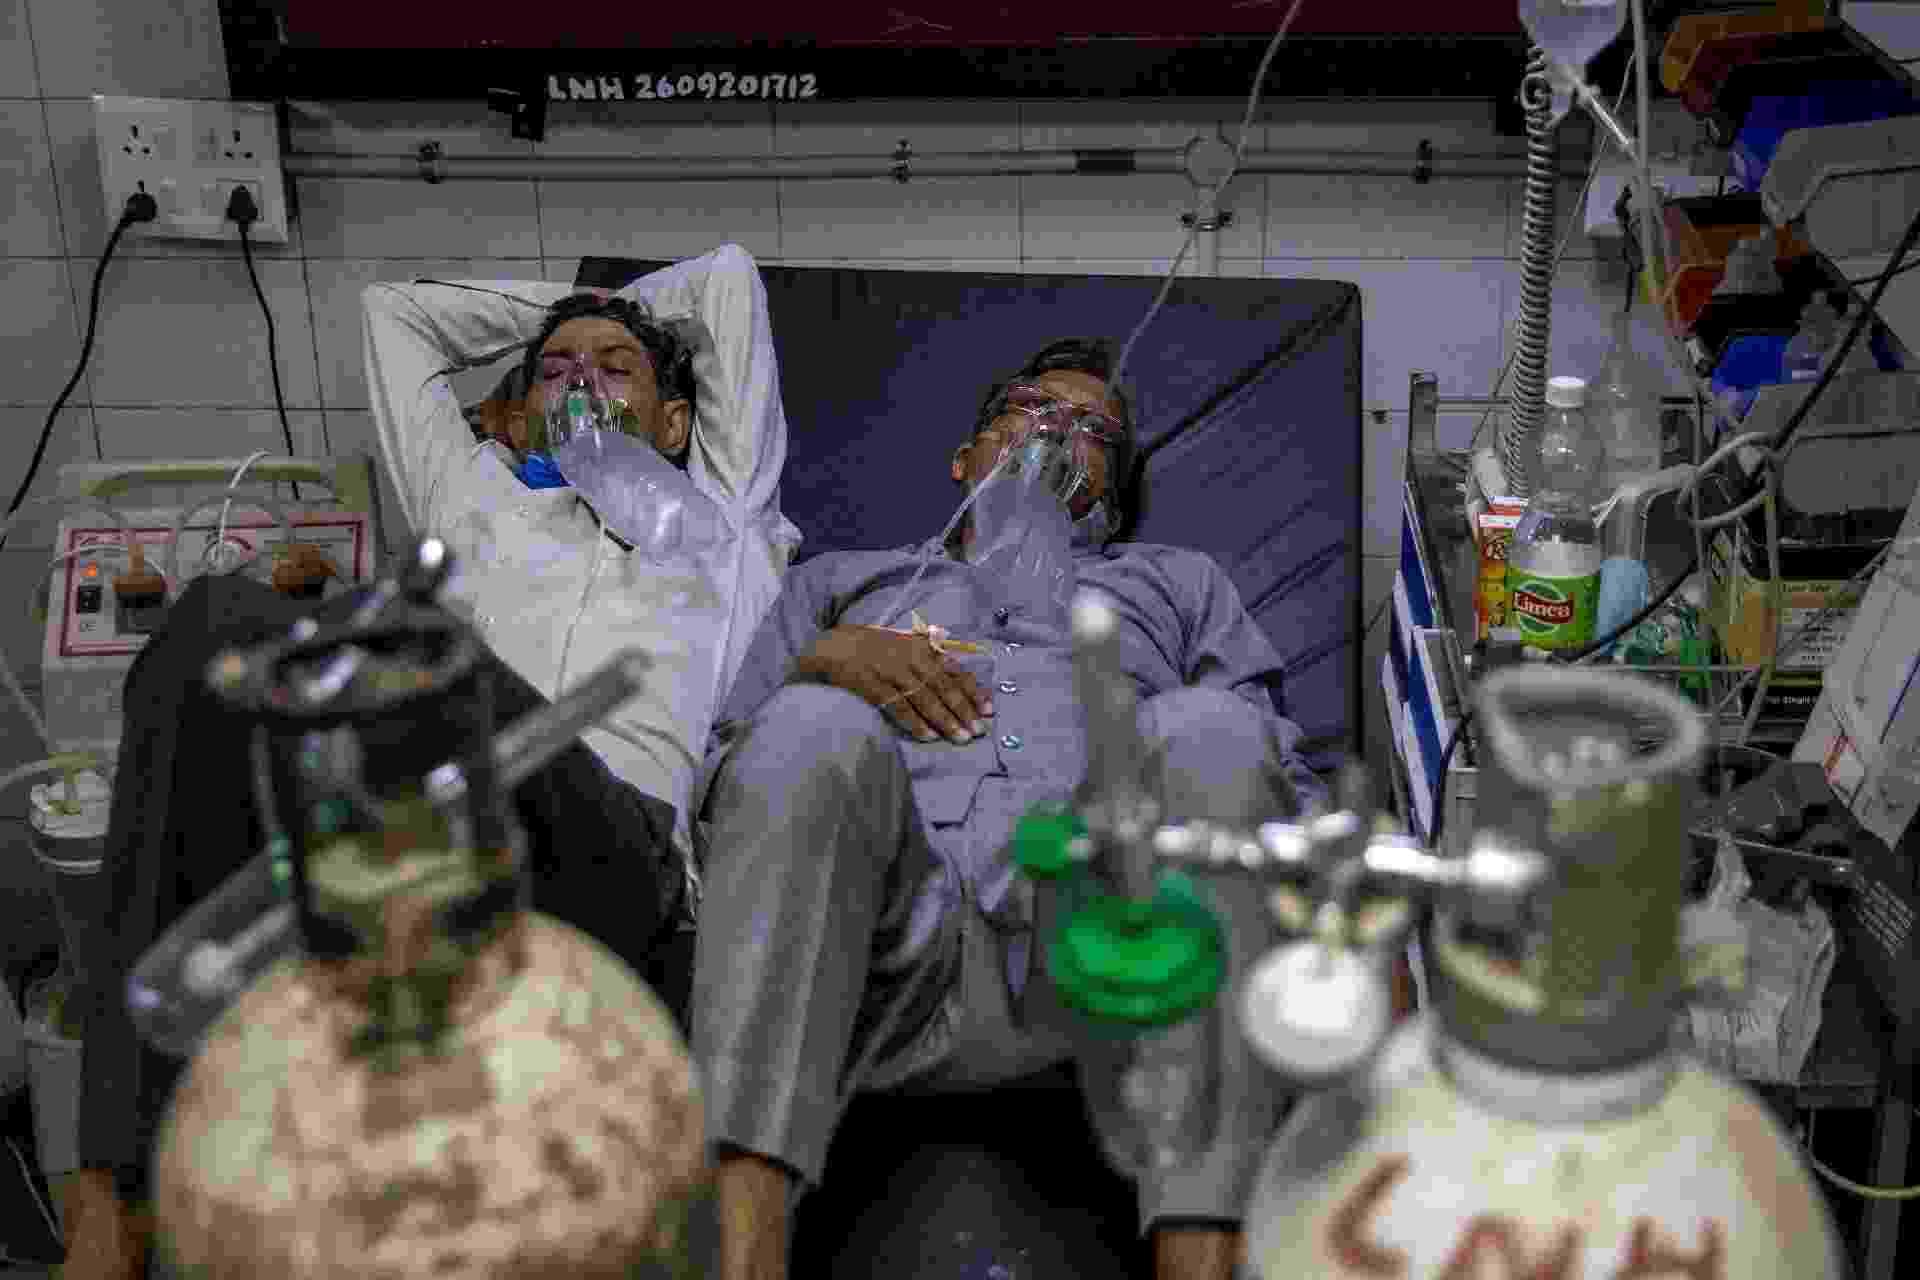 15.abr.2021 - Com número recorde de casos diários e leitos lotados, pacientes com covid-19 dividem a cama em hospital da Índia - DANISH SIDDIQUI/REUTERS